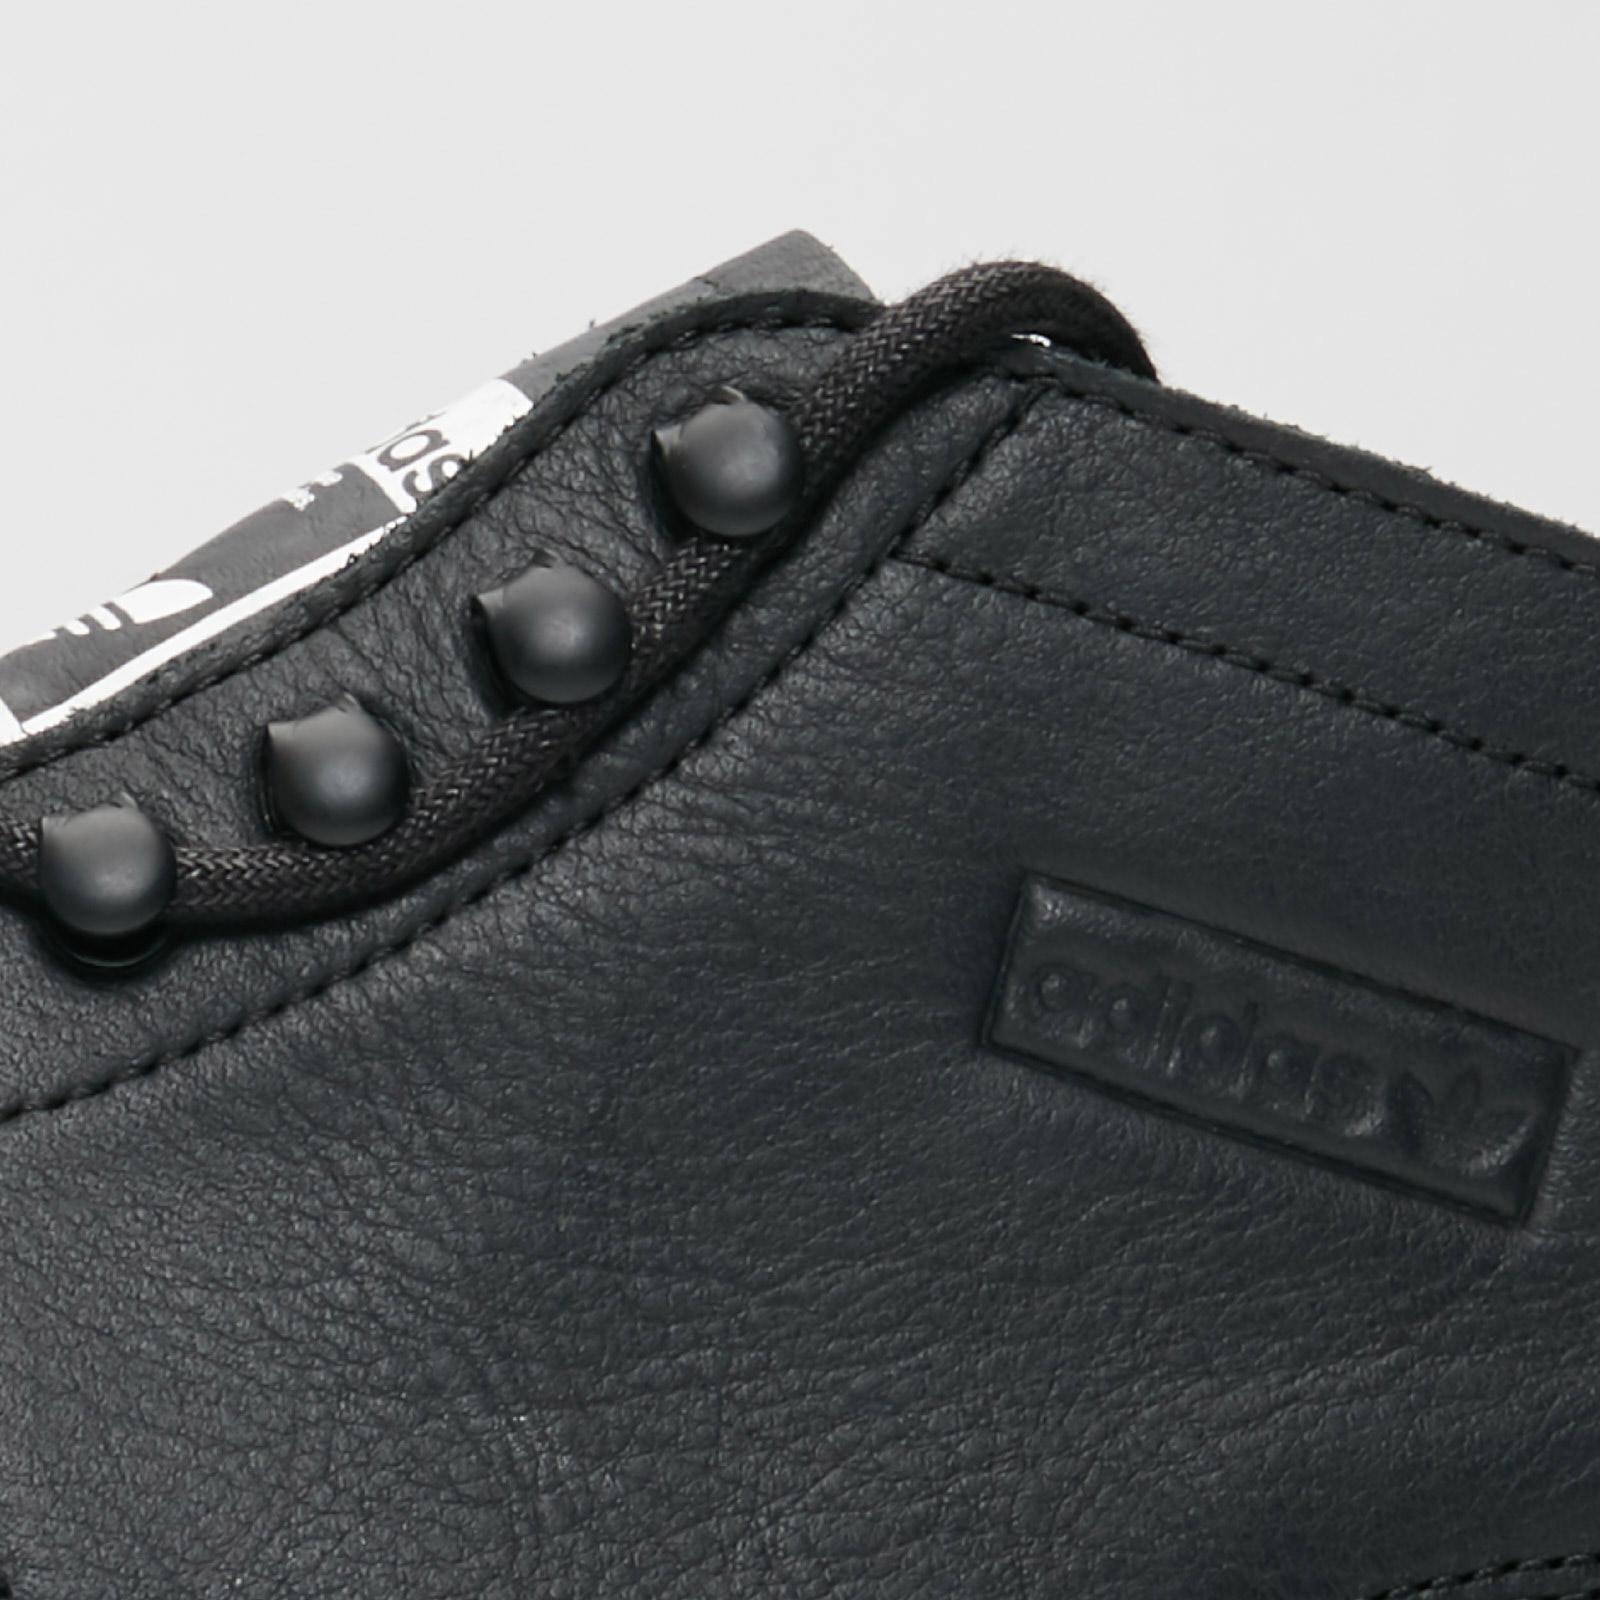 Adidas Superstar Boot Luxe W Aq1250 Sneakersnstuff Sneakers